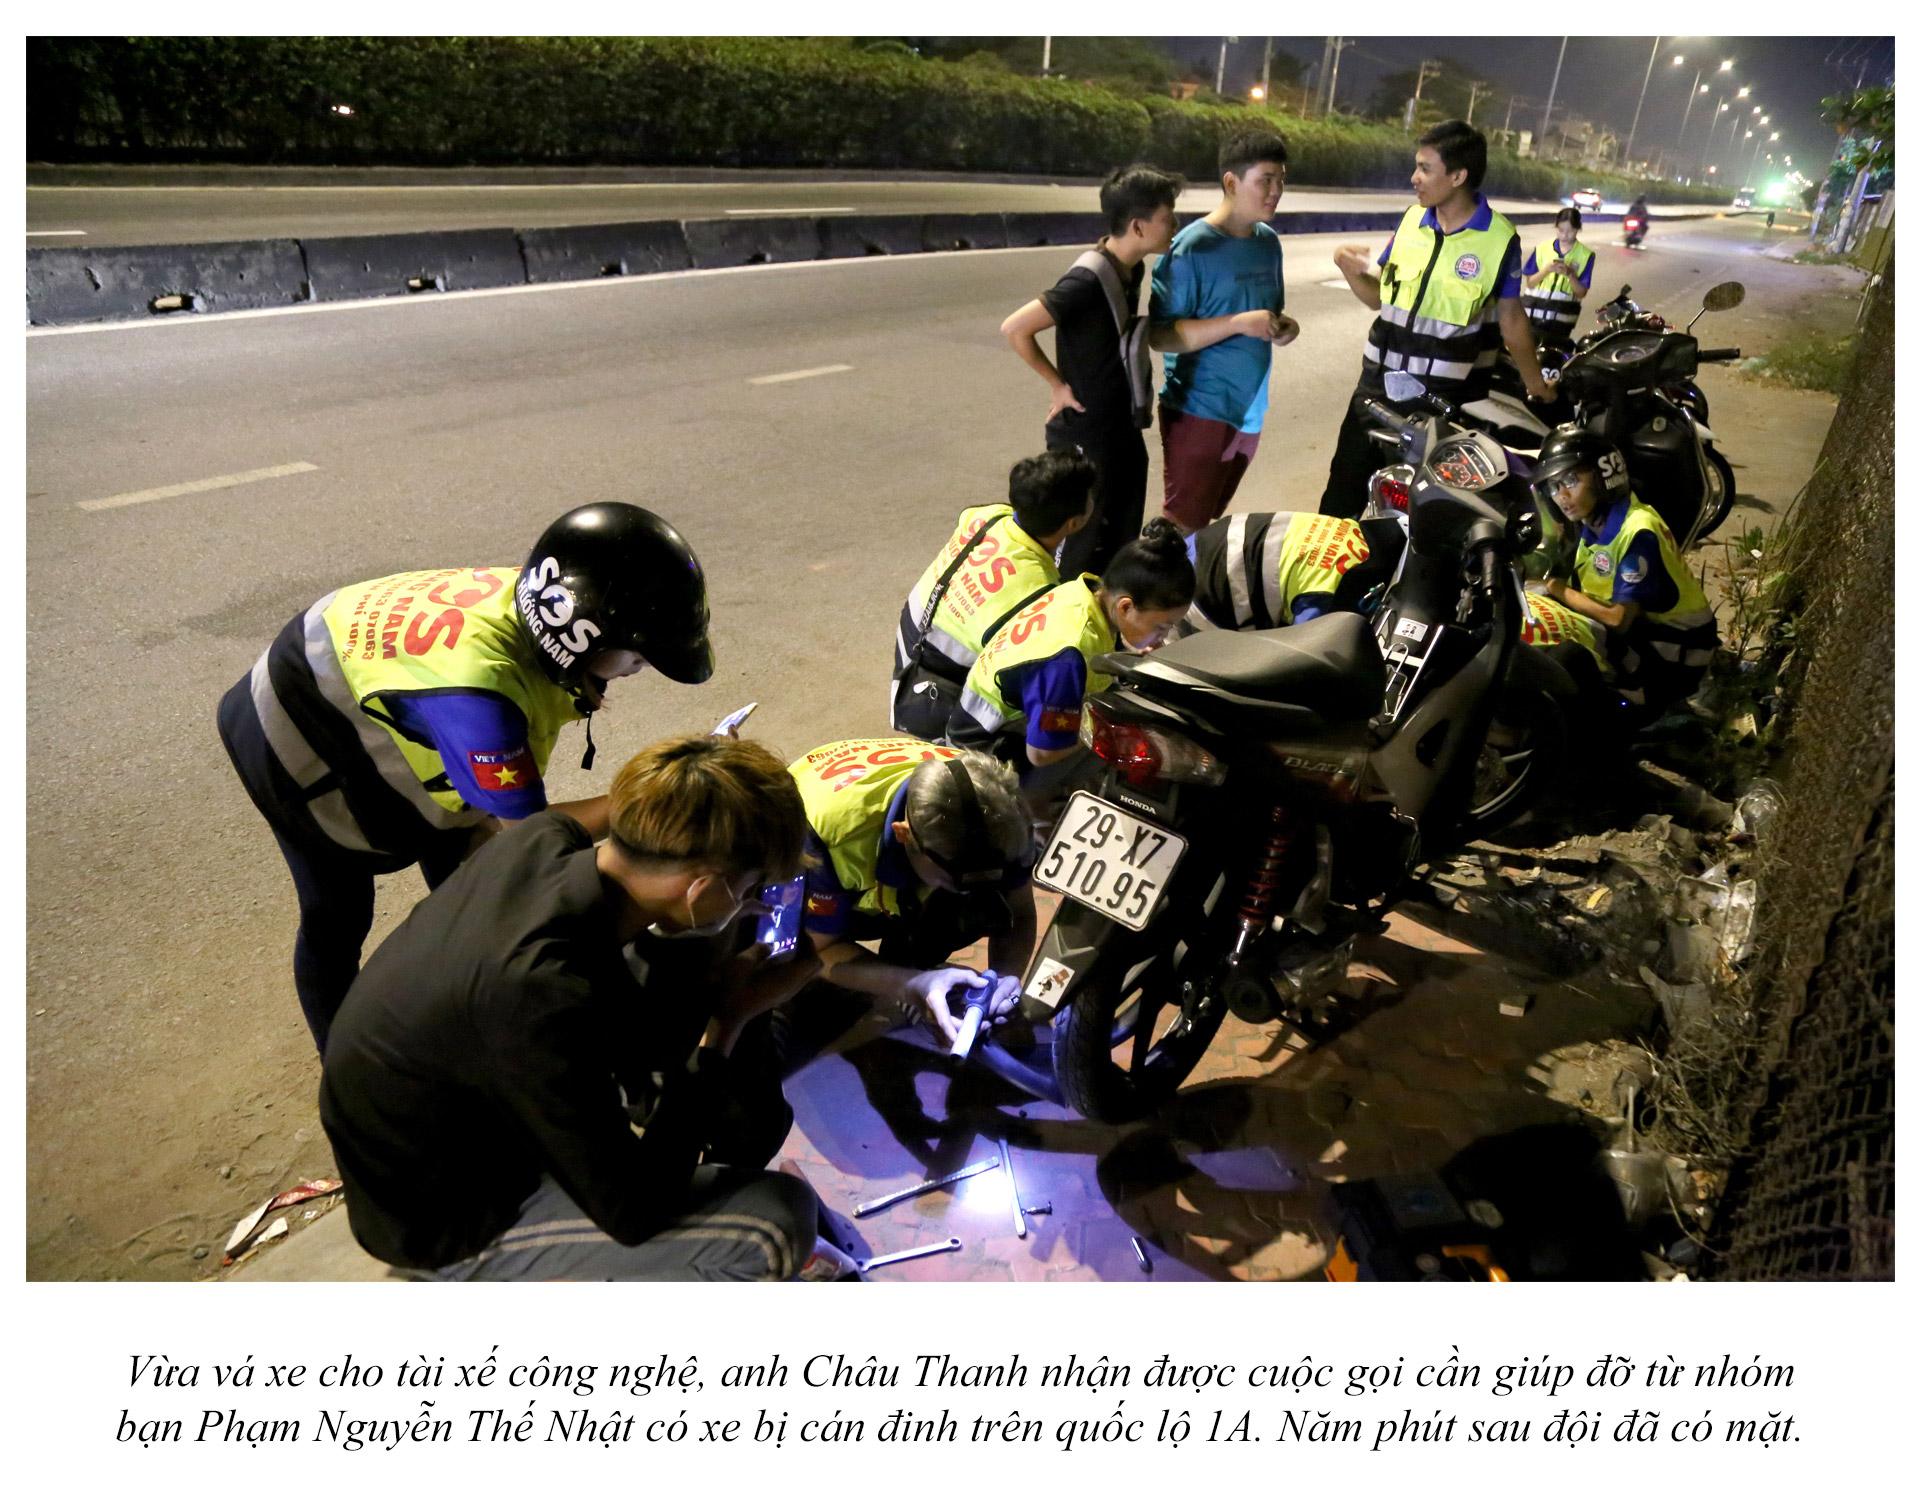 Biệt đội cứu hộ xuyên đêm miễn phí ở Sài Gòn - ảnh 18